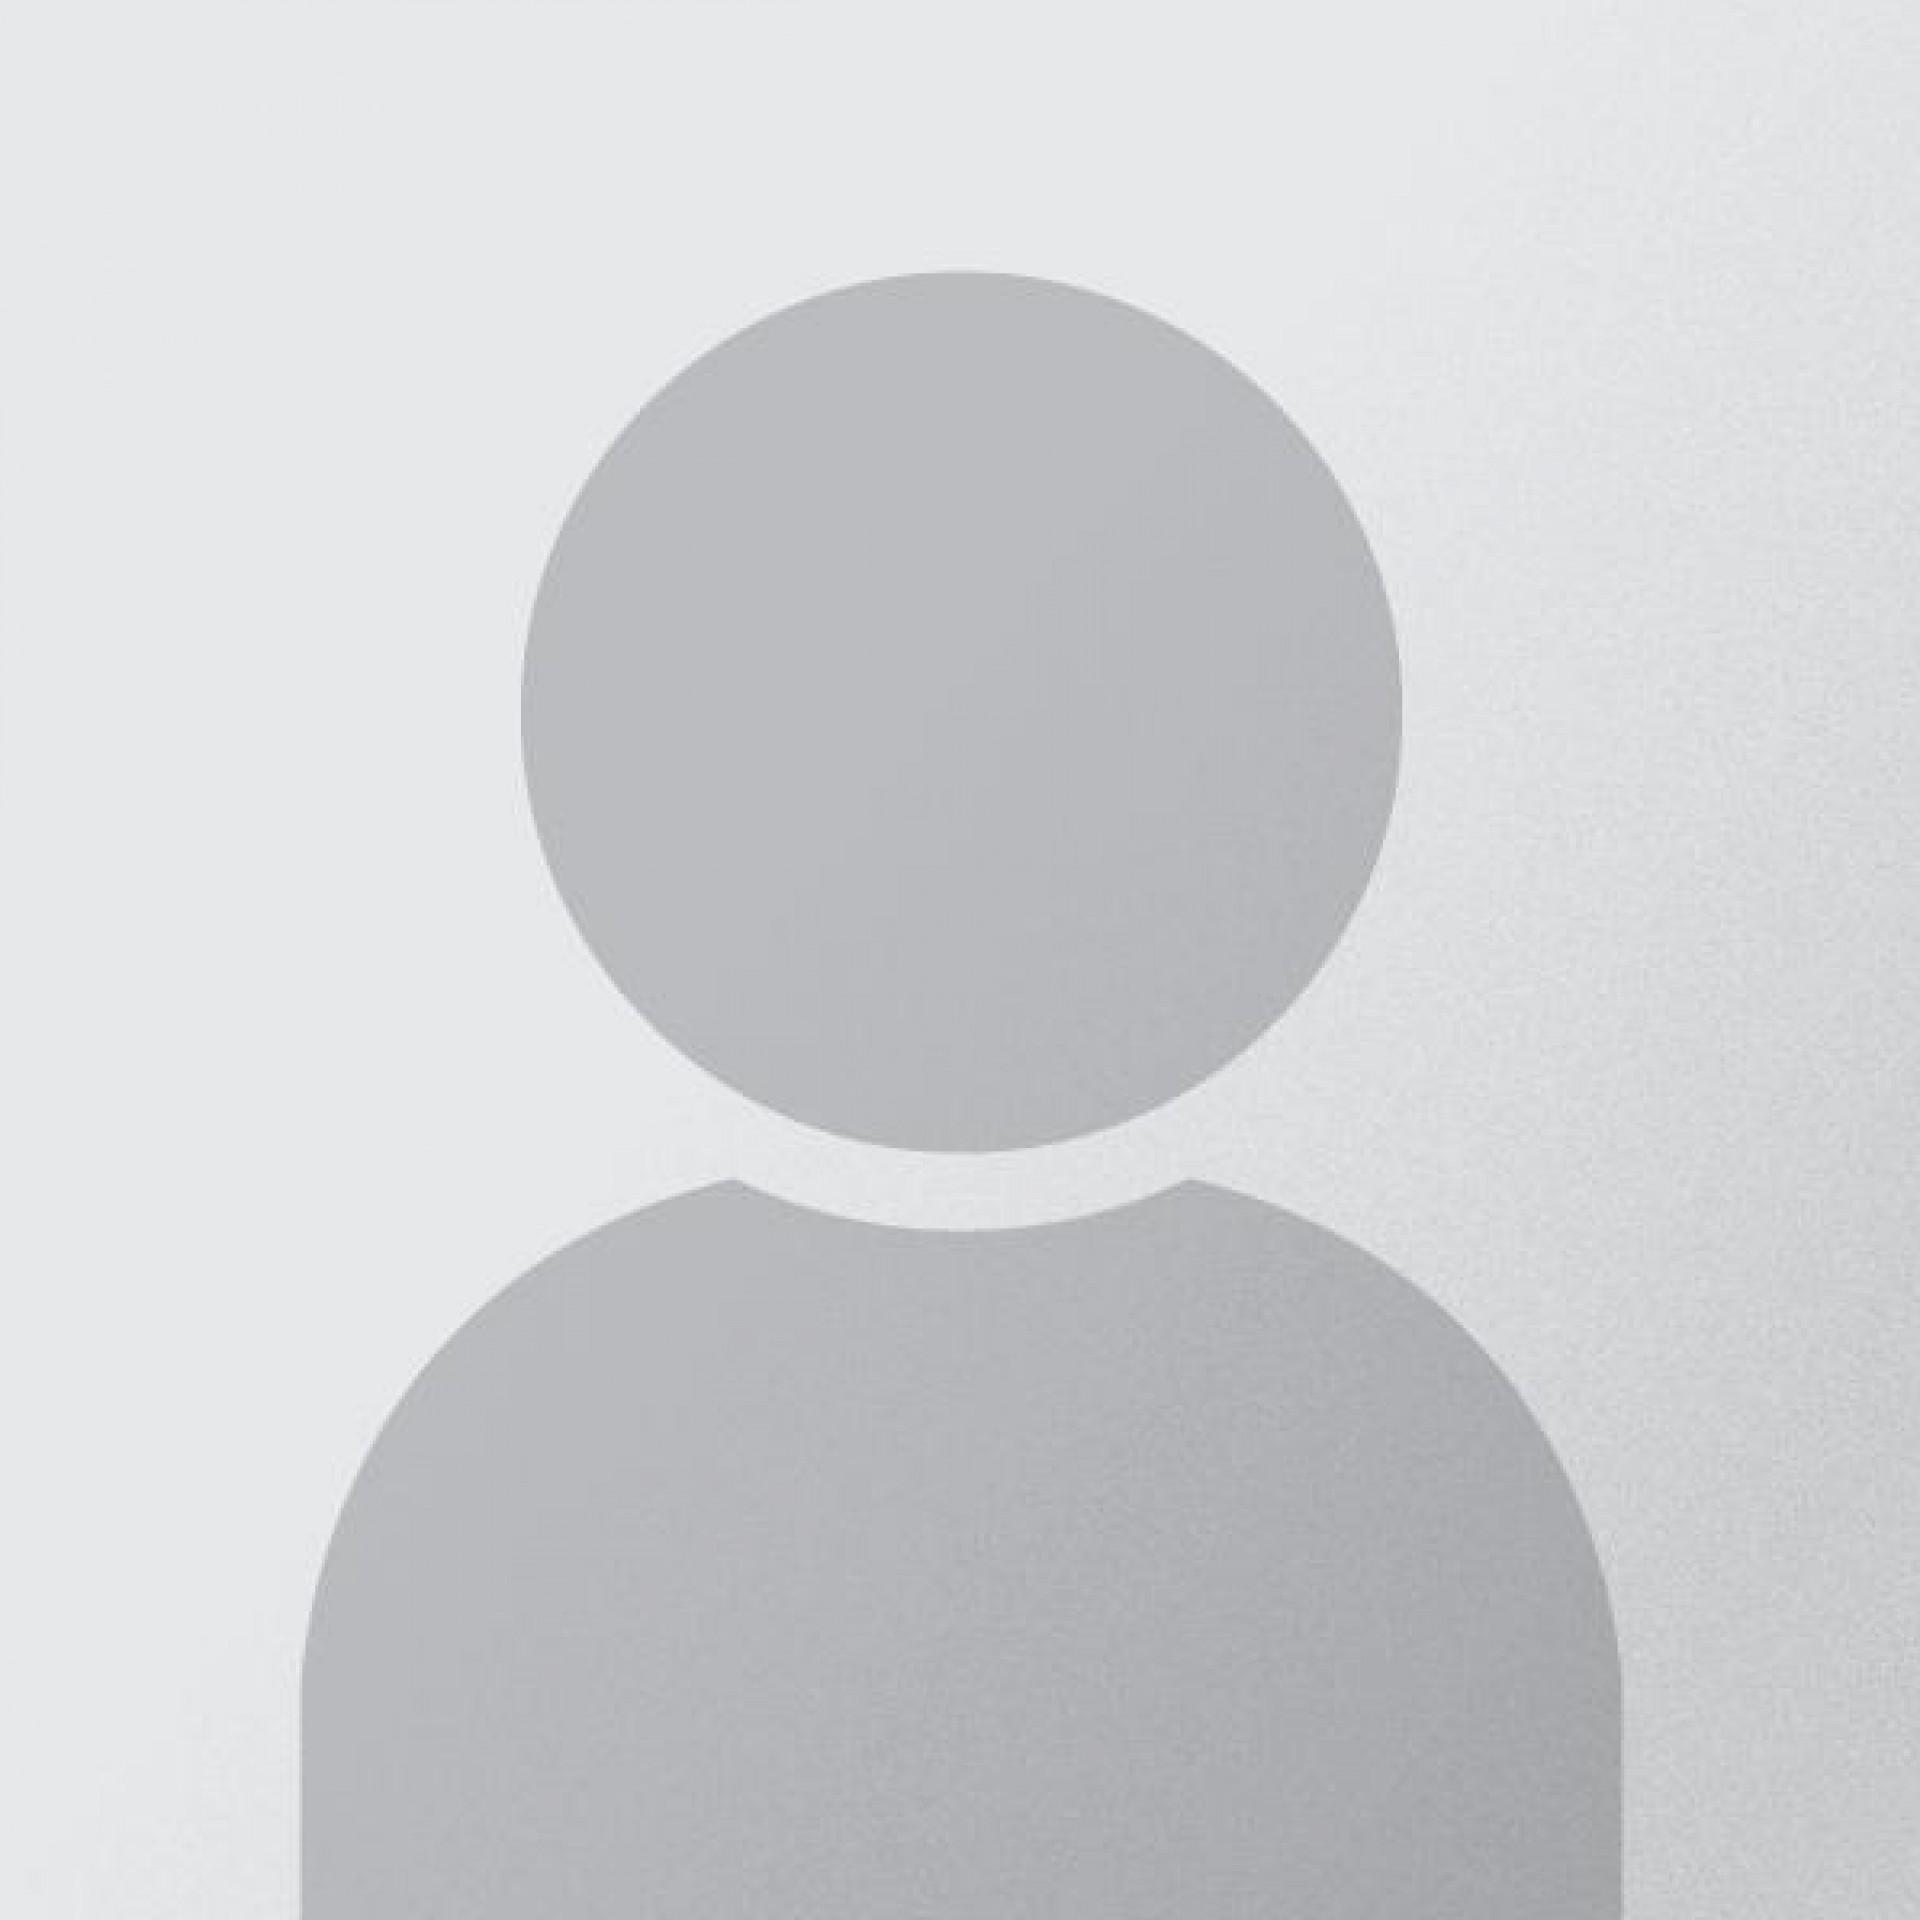 fotografia p021 profilu 0102XOQG8U